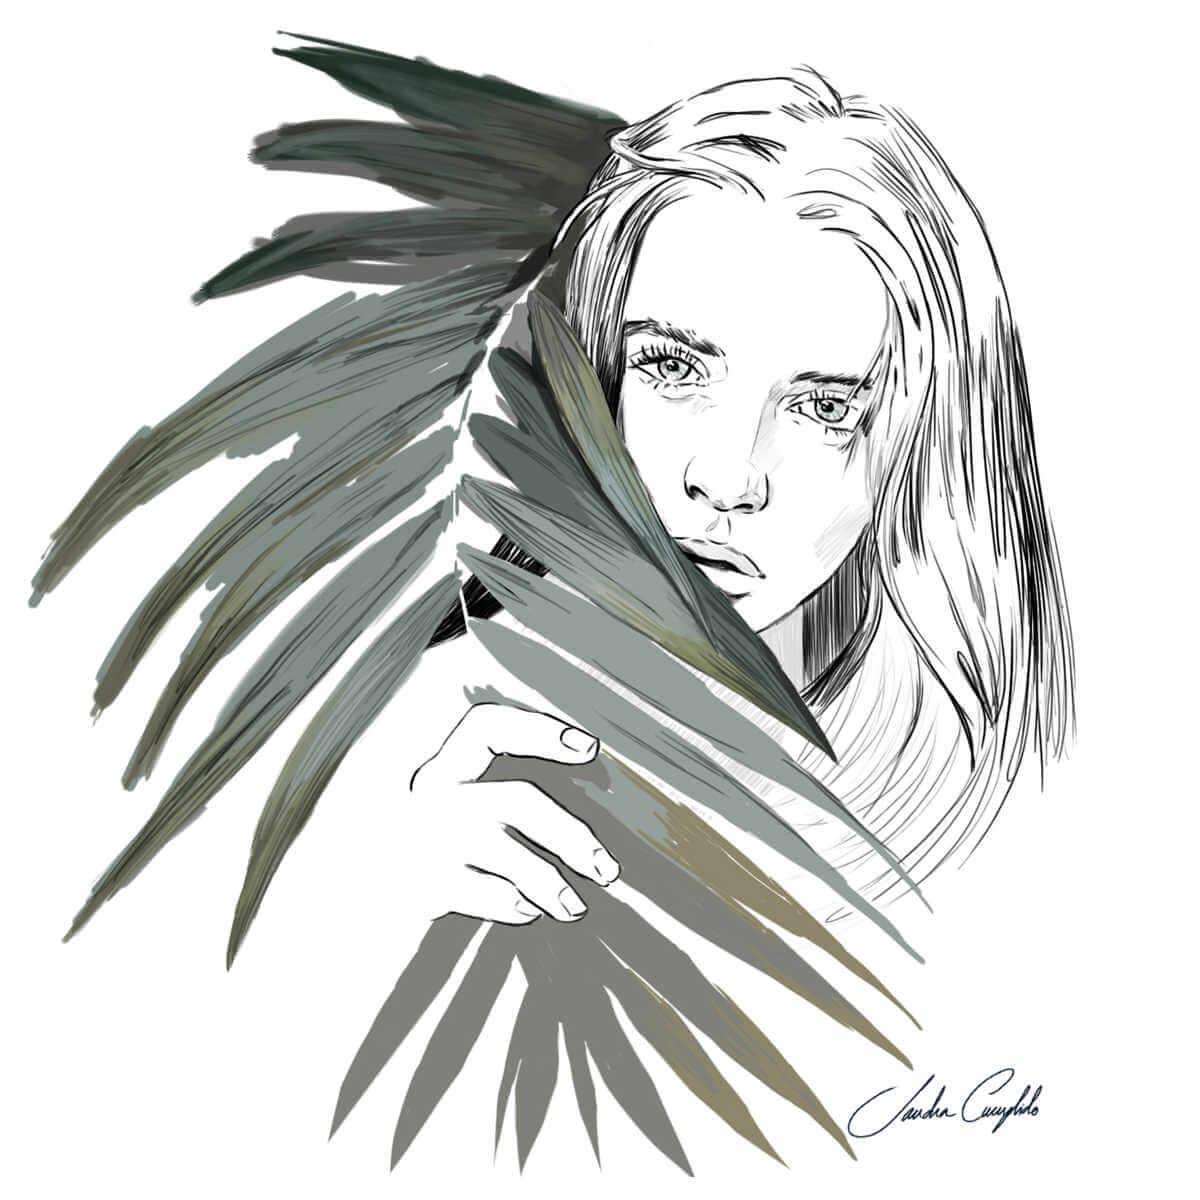 ilustración de chica tras hoja de sandra cumplido